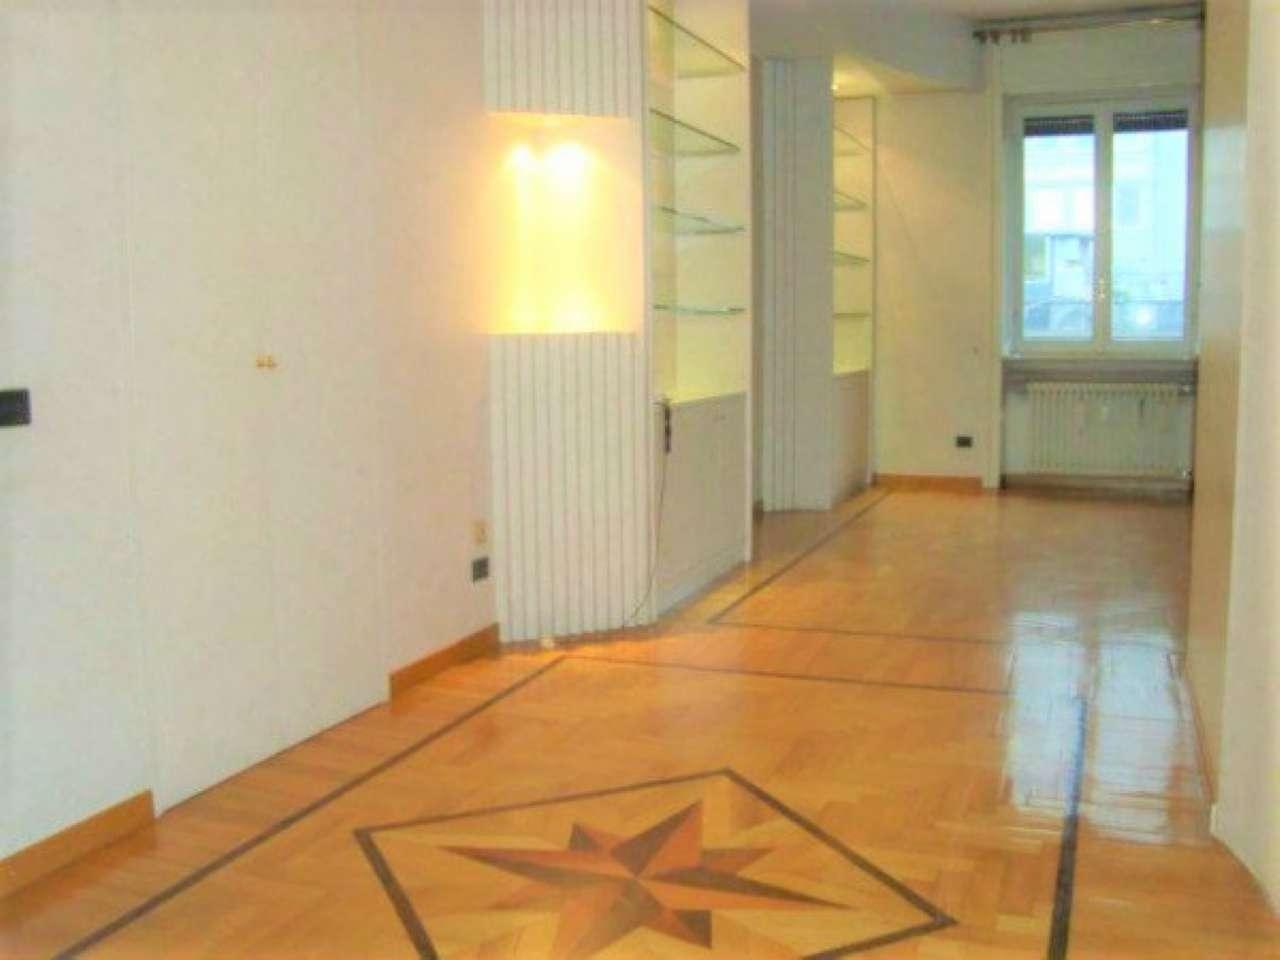 Appartamento in affitto a Milano, 3 locali, zona Zona: 2 . Repubblica, Stazione Centrale, P.ta Nuova, B. Marcello, prezzo € 2.083 | Cambio Casa.it